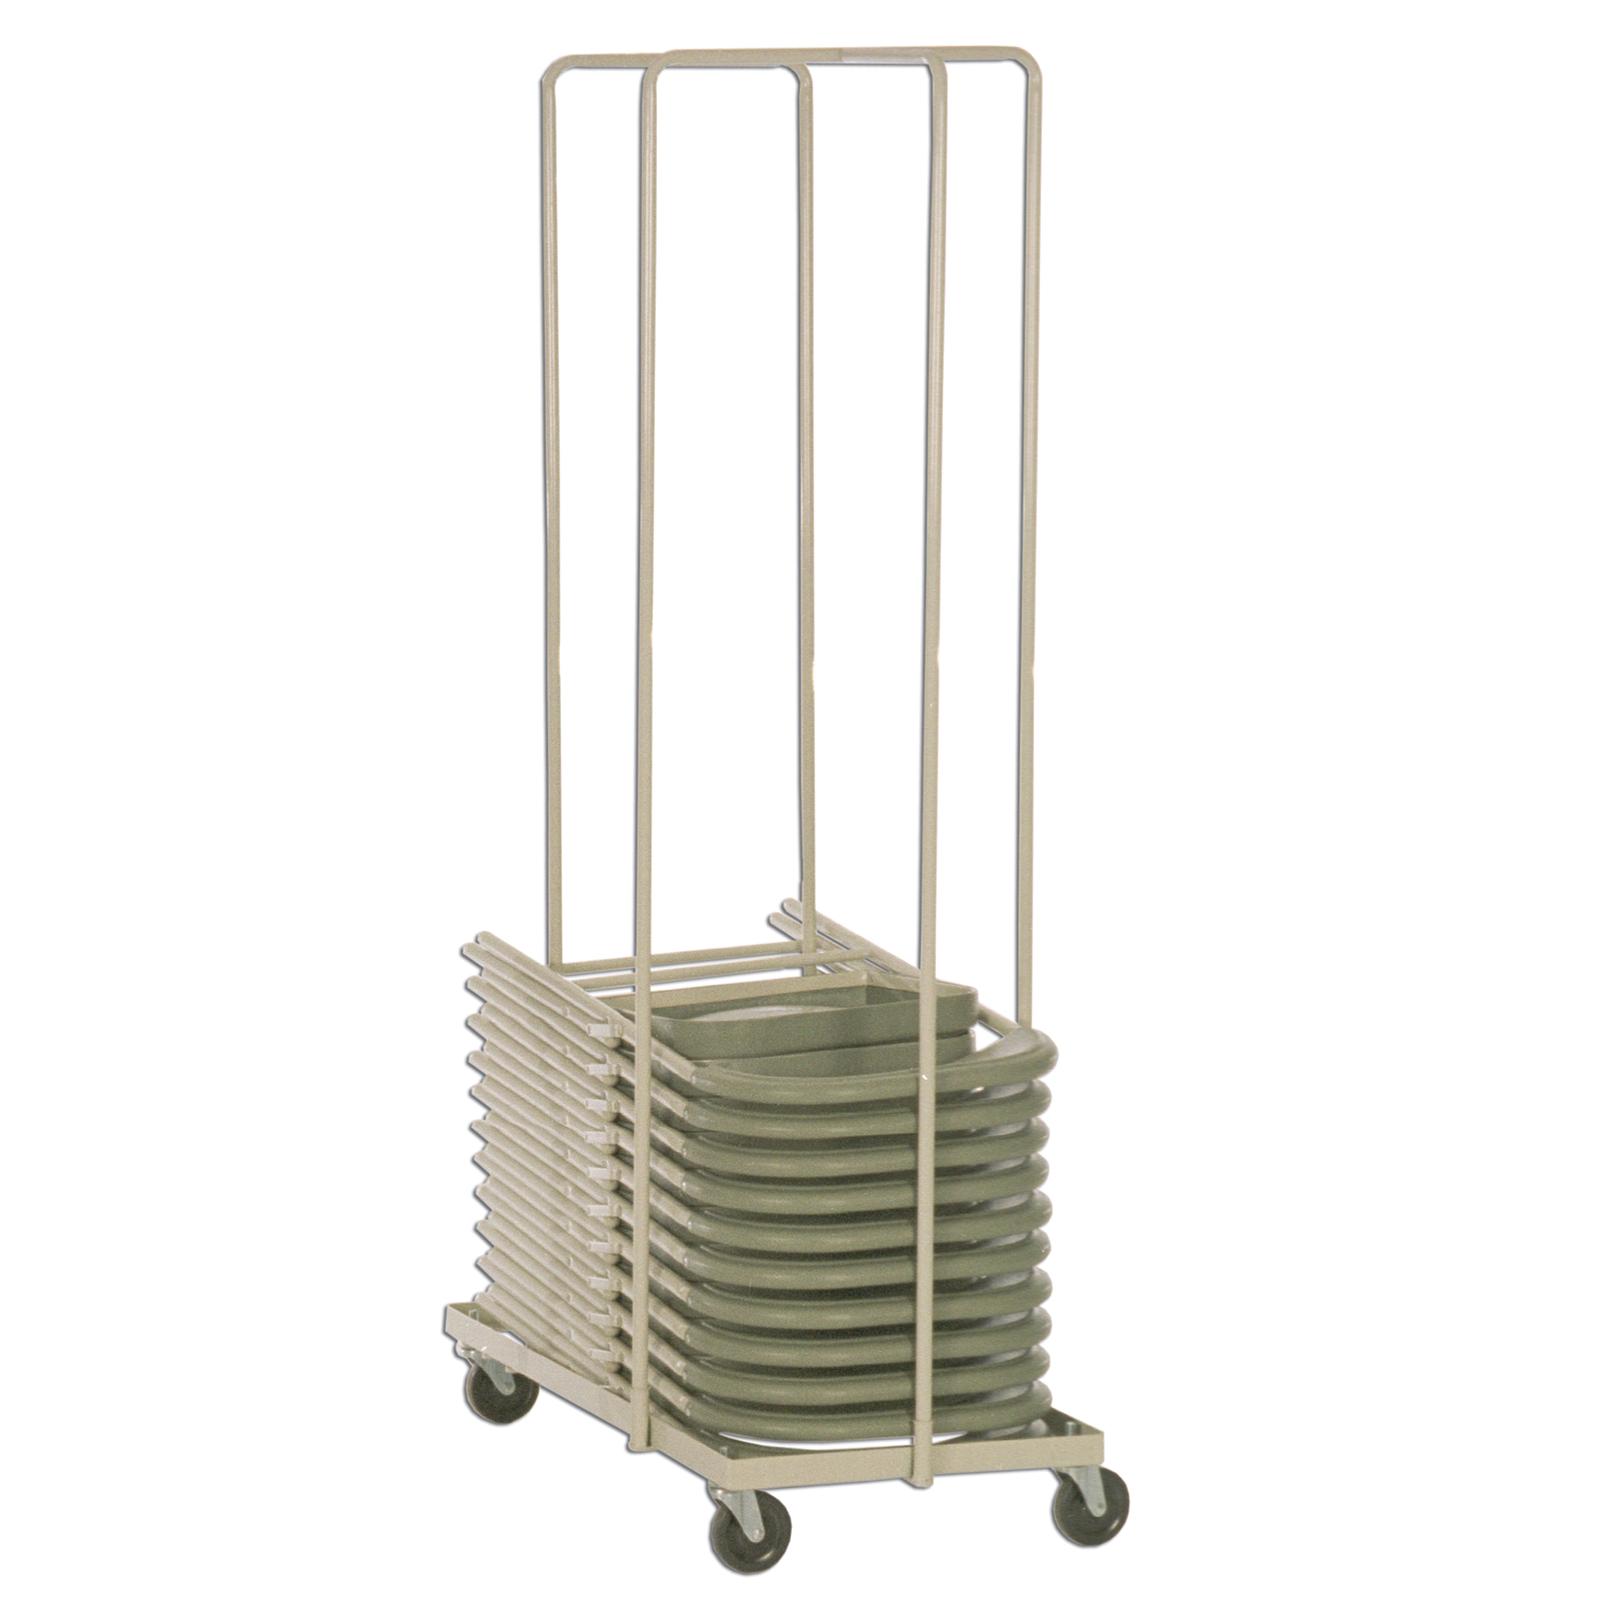 chariot pour chaise pliante en m tal alpha vico. Black Bedroom Furniture Sets. Home Design Ideas